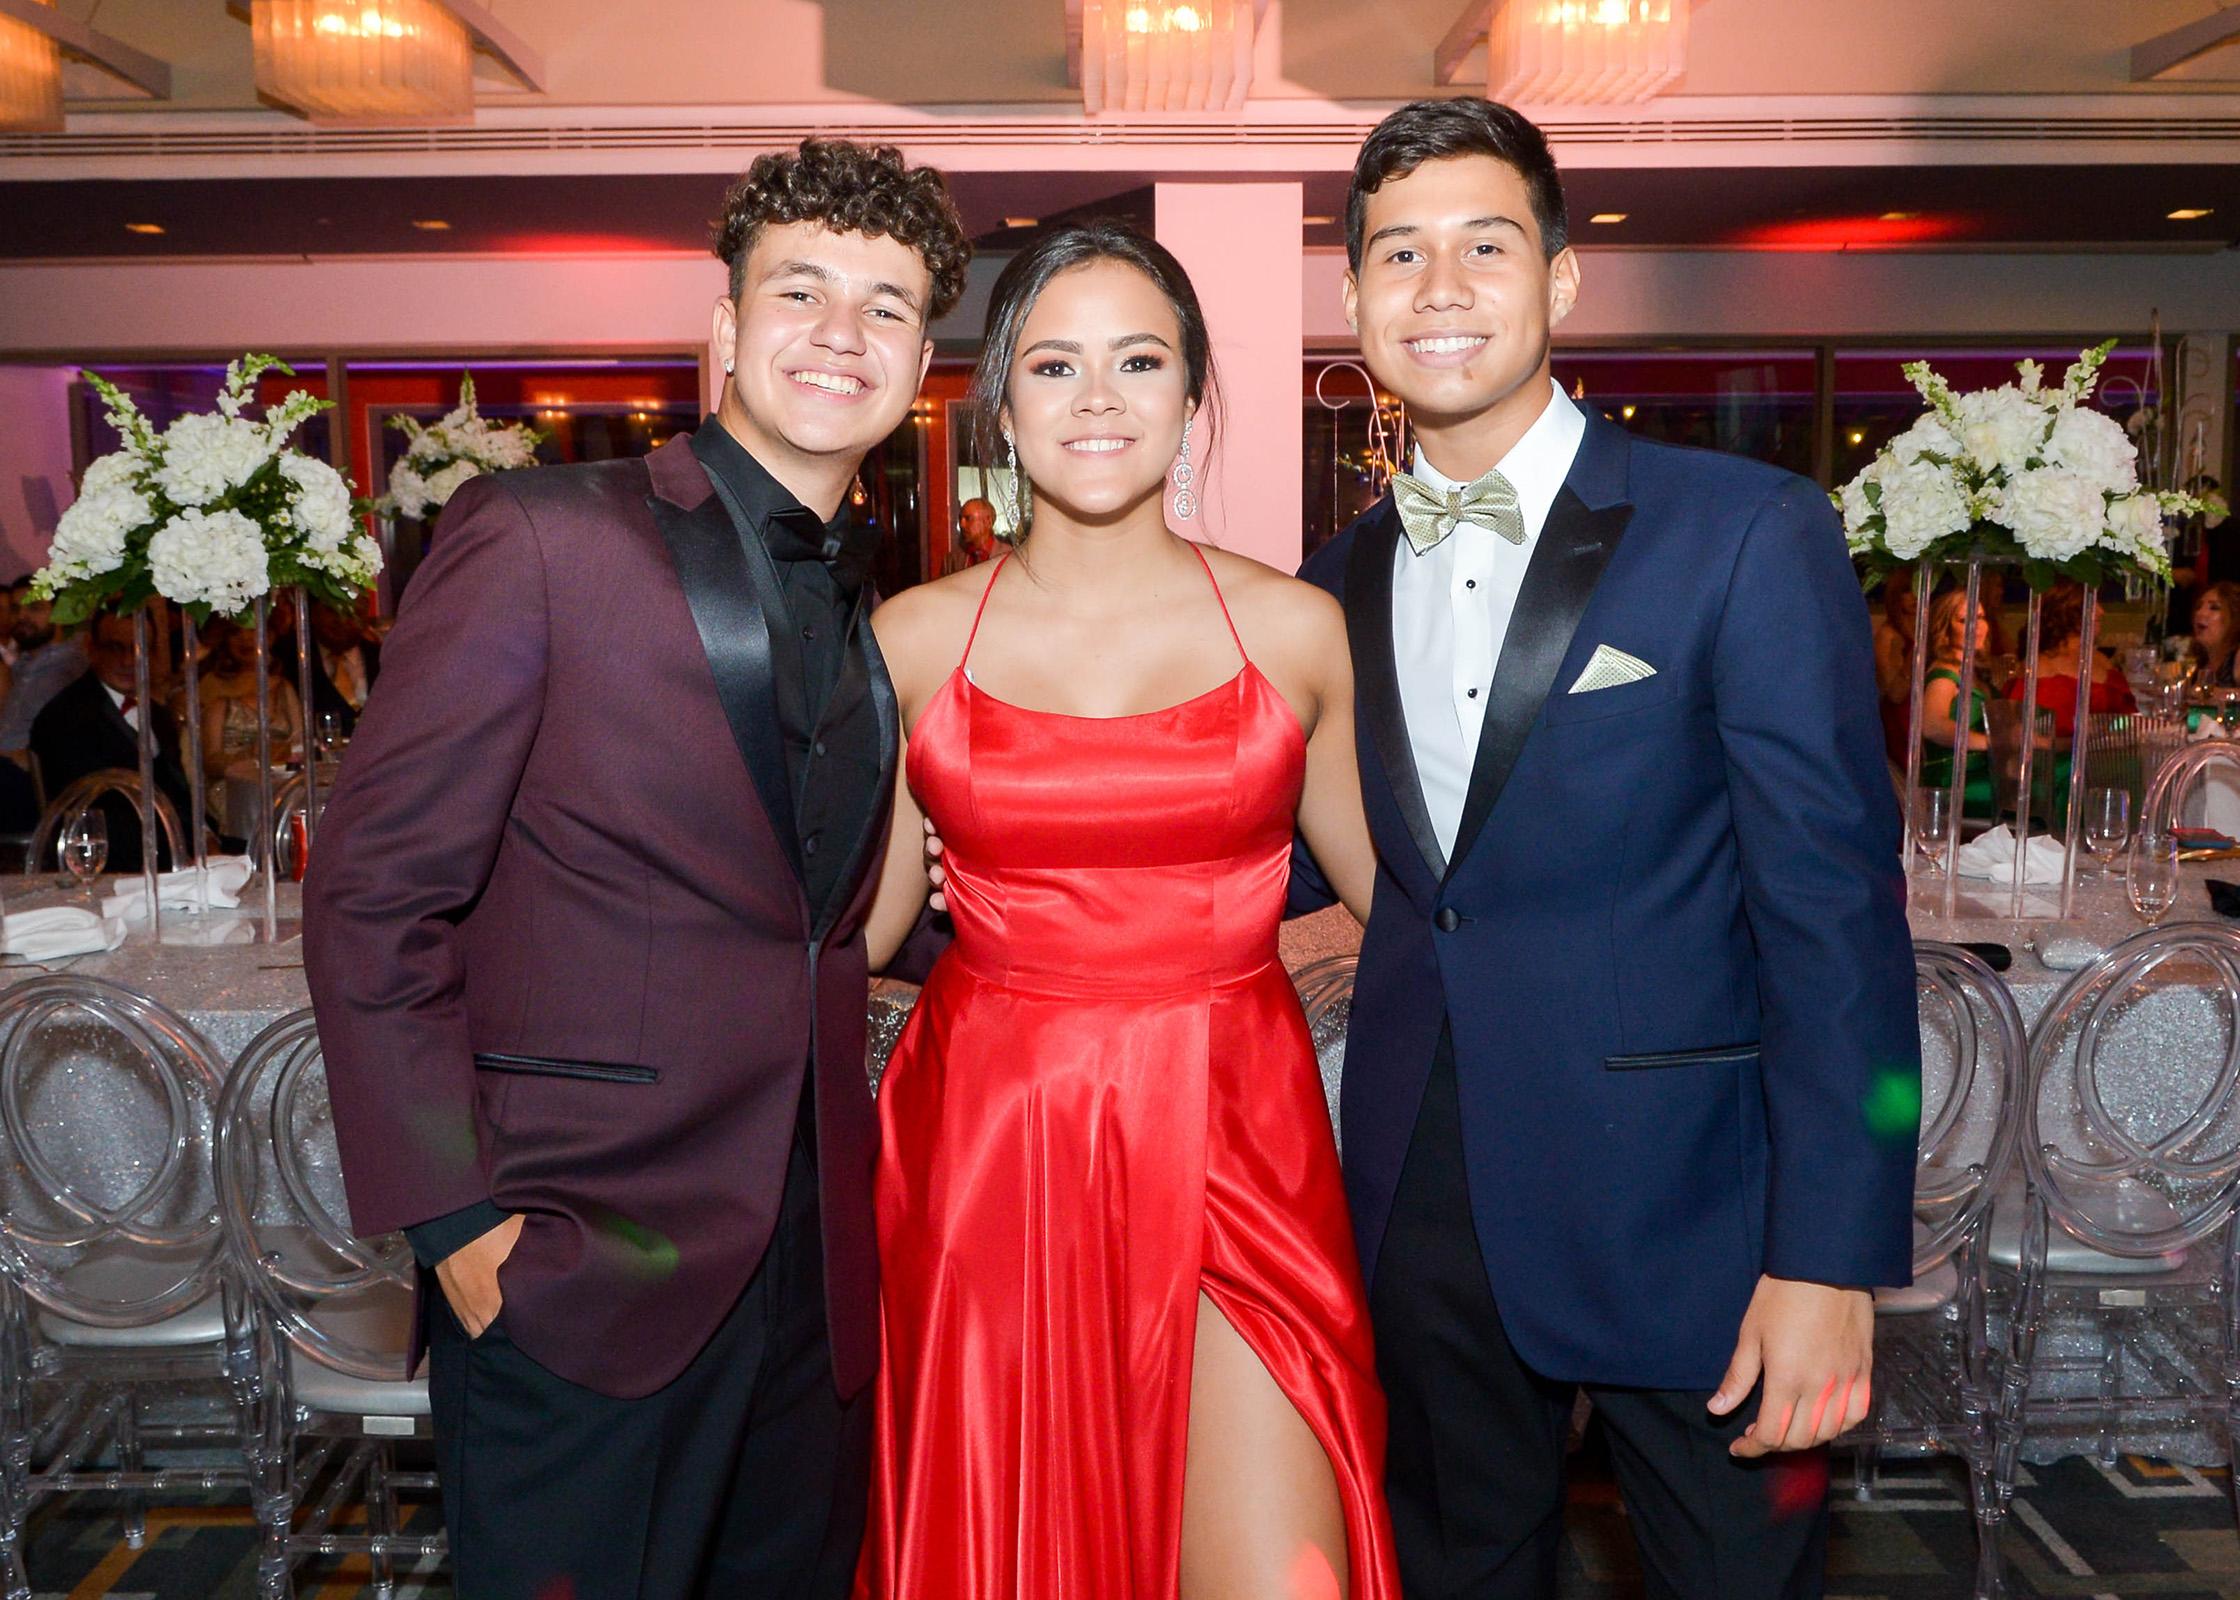 Diego Rodríguez, Ámbar Reyes y Carlos Sandoval. (Enid M. Salgado Mercado)